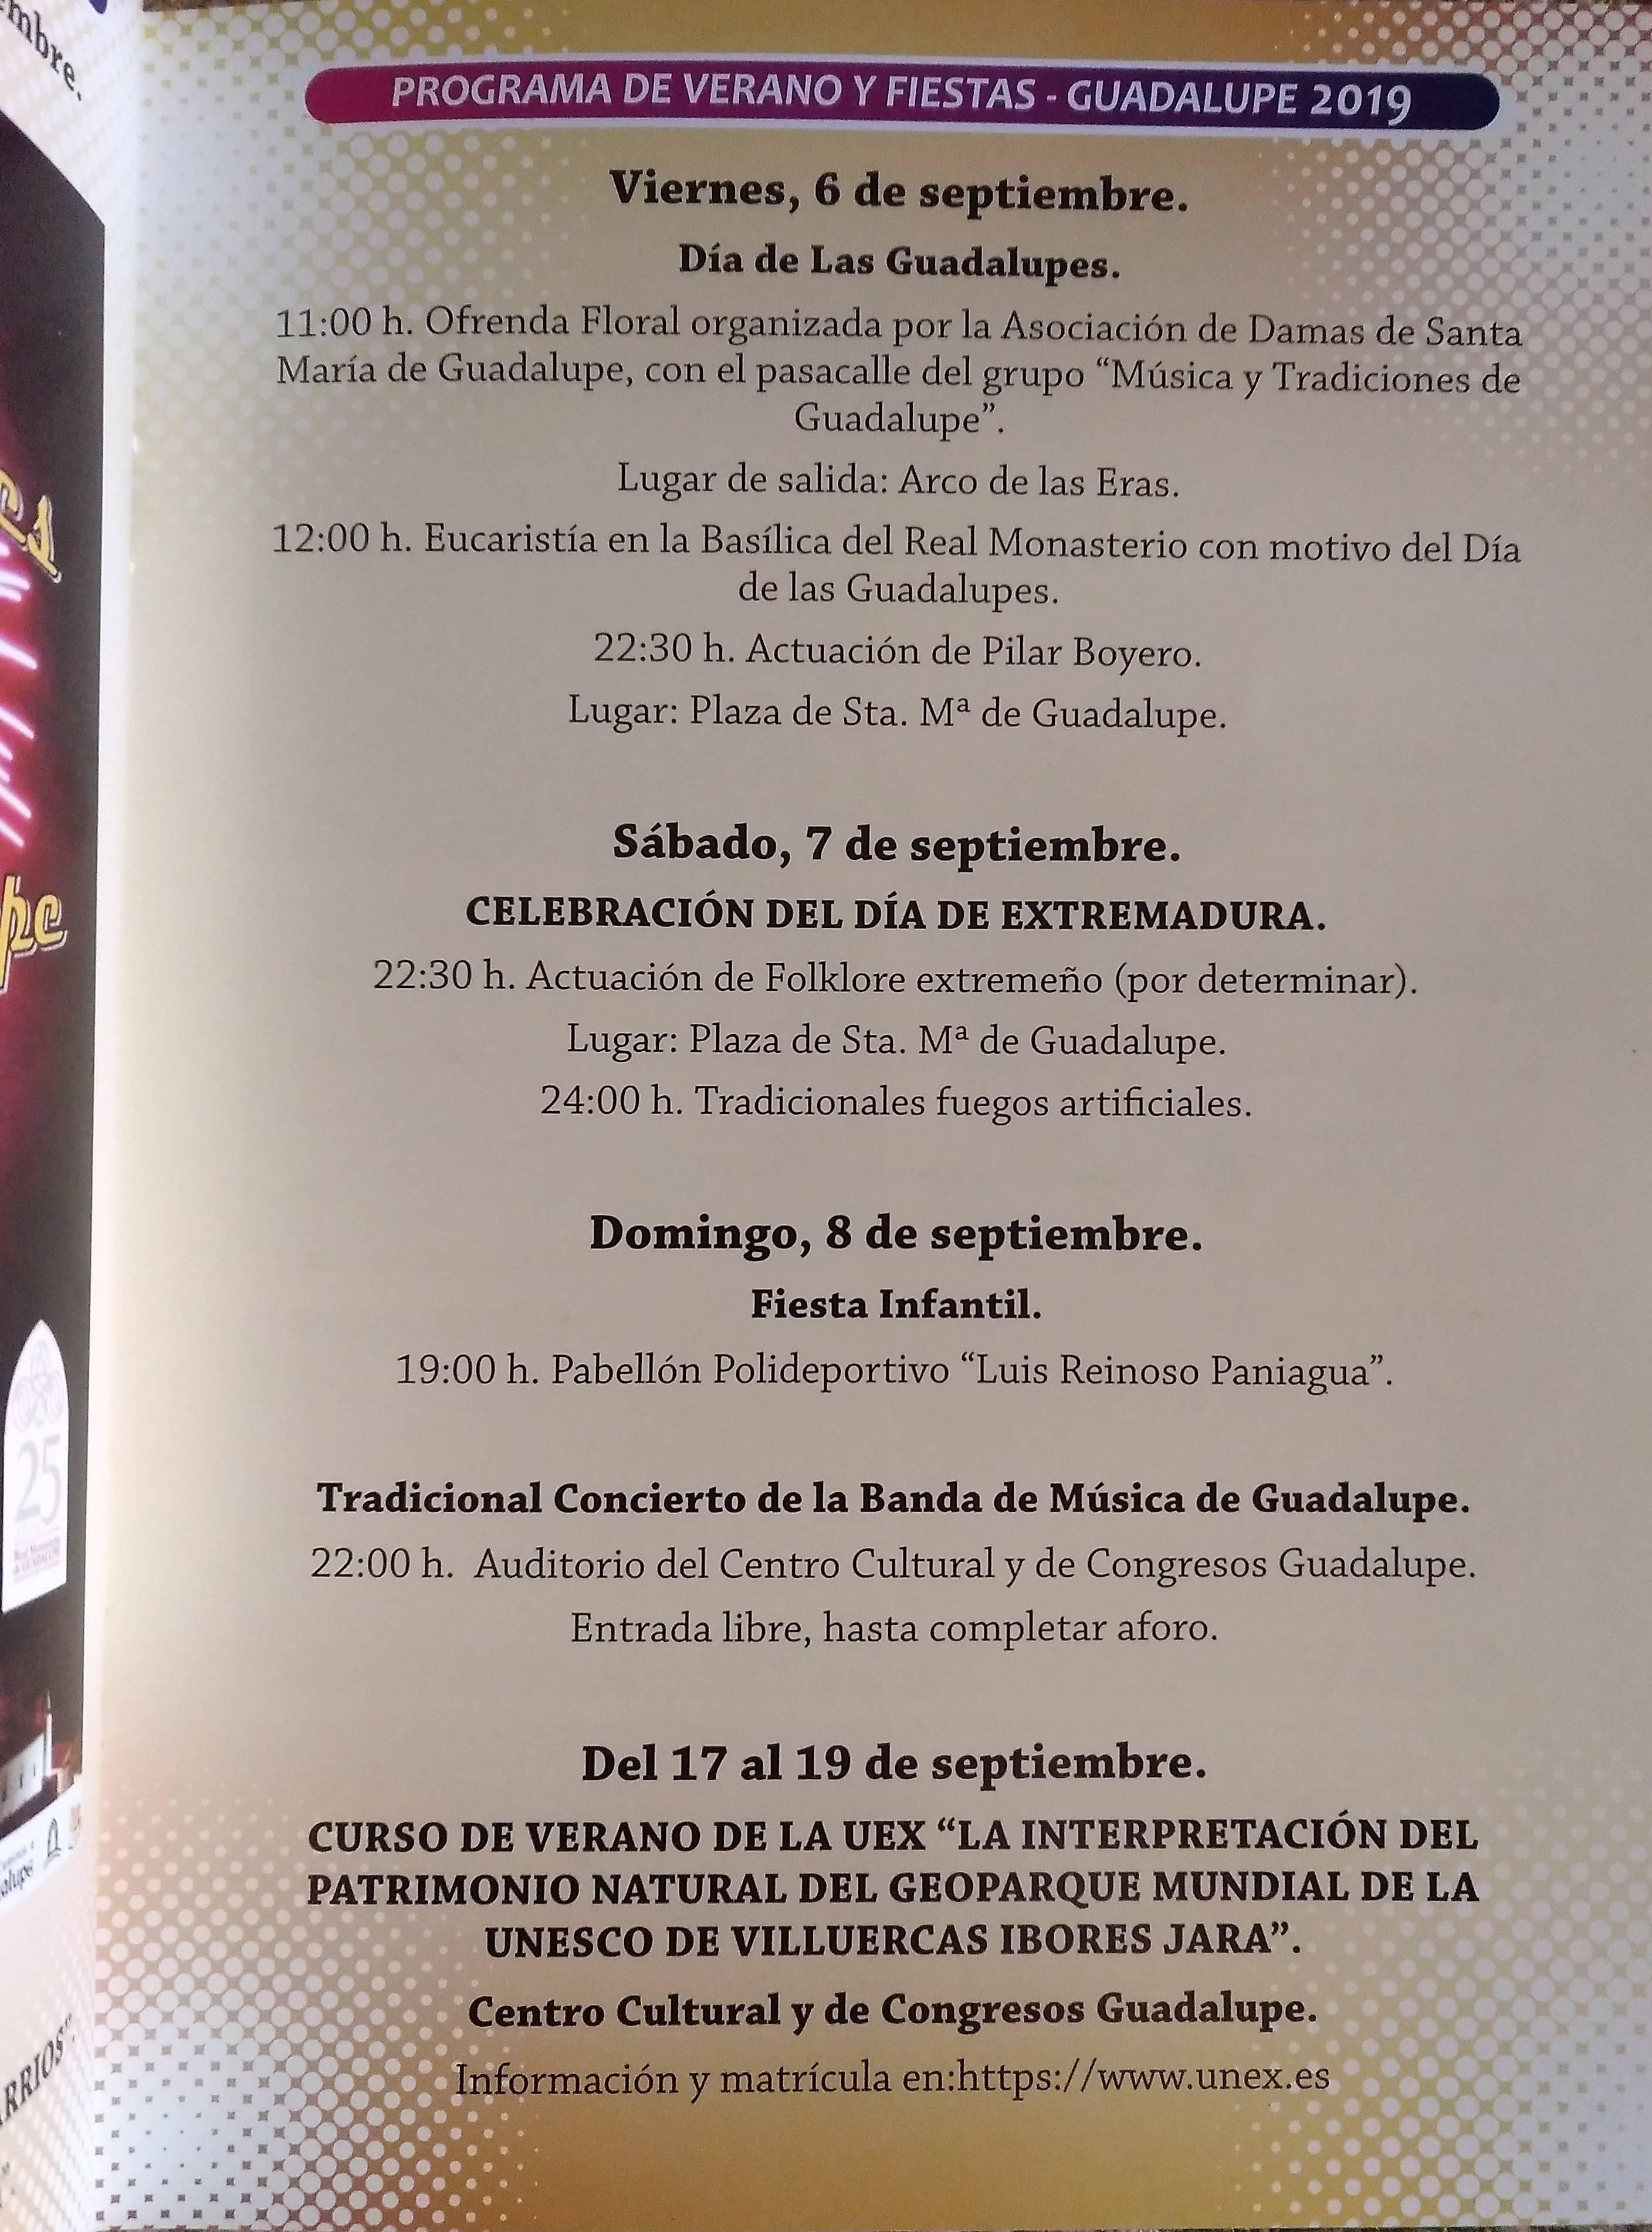 Programa de verano y fiestas rectificado 2019 - Guadalupe (Cáceres)